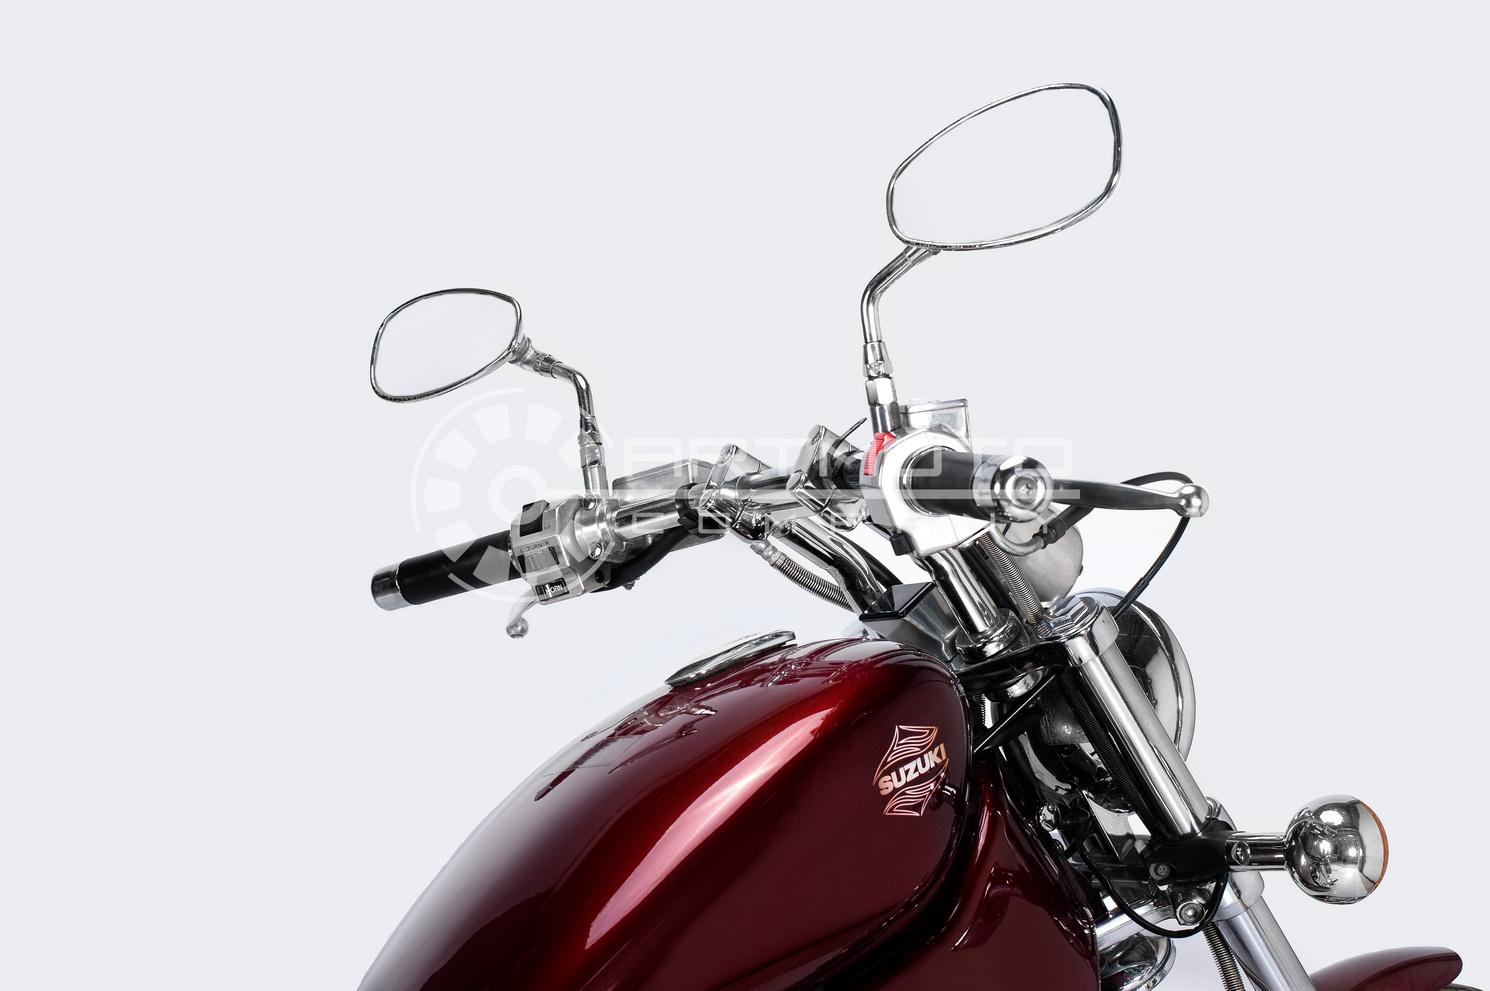 МОТОЦИКЛ SUZUKI INTRUDER 400  Артмото - купить квадроцикл в украине и харькове, мотоцикл, снегоход, скутер, мопед, электромобиль